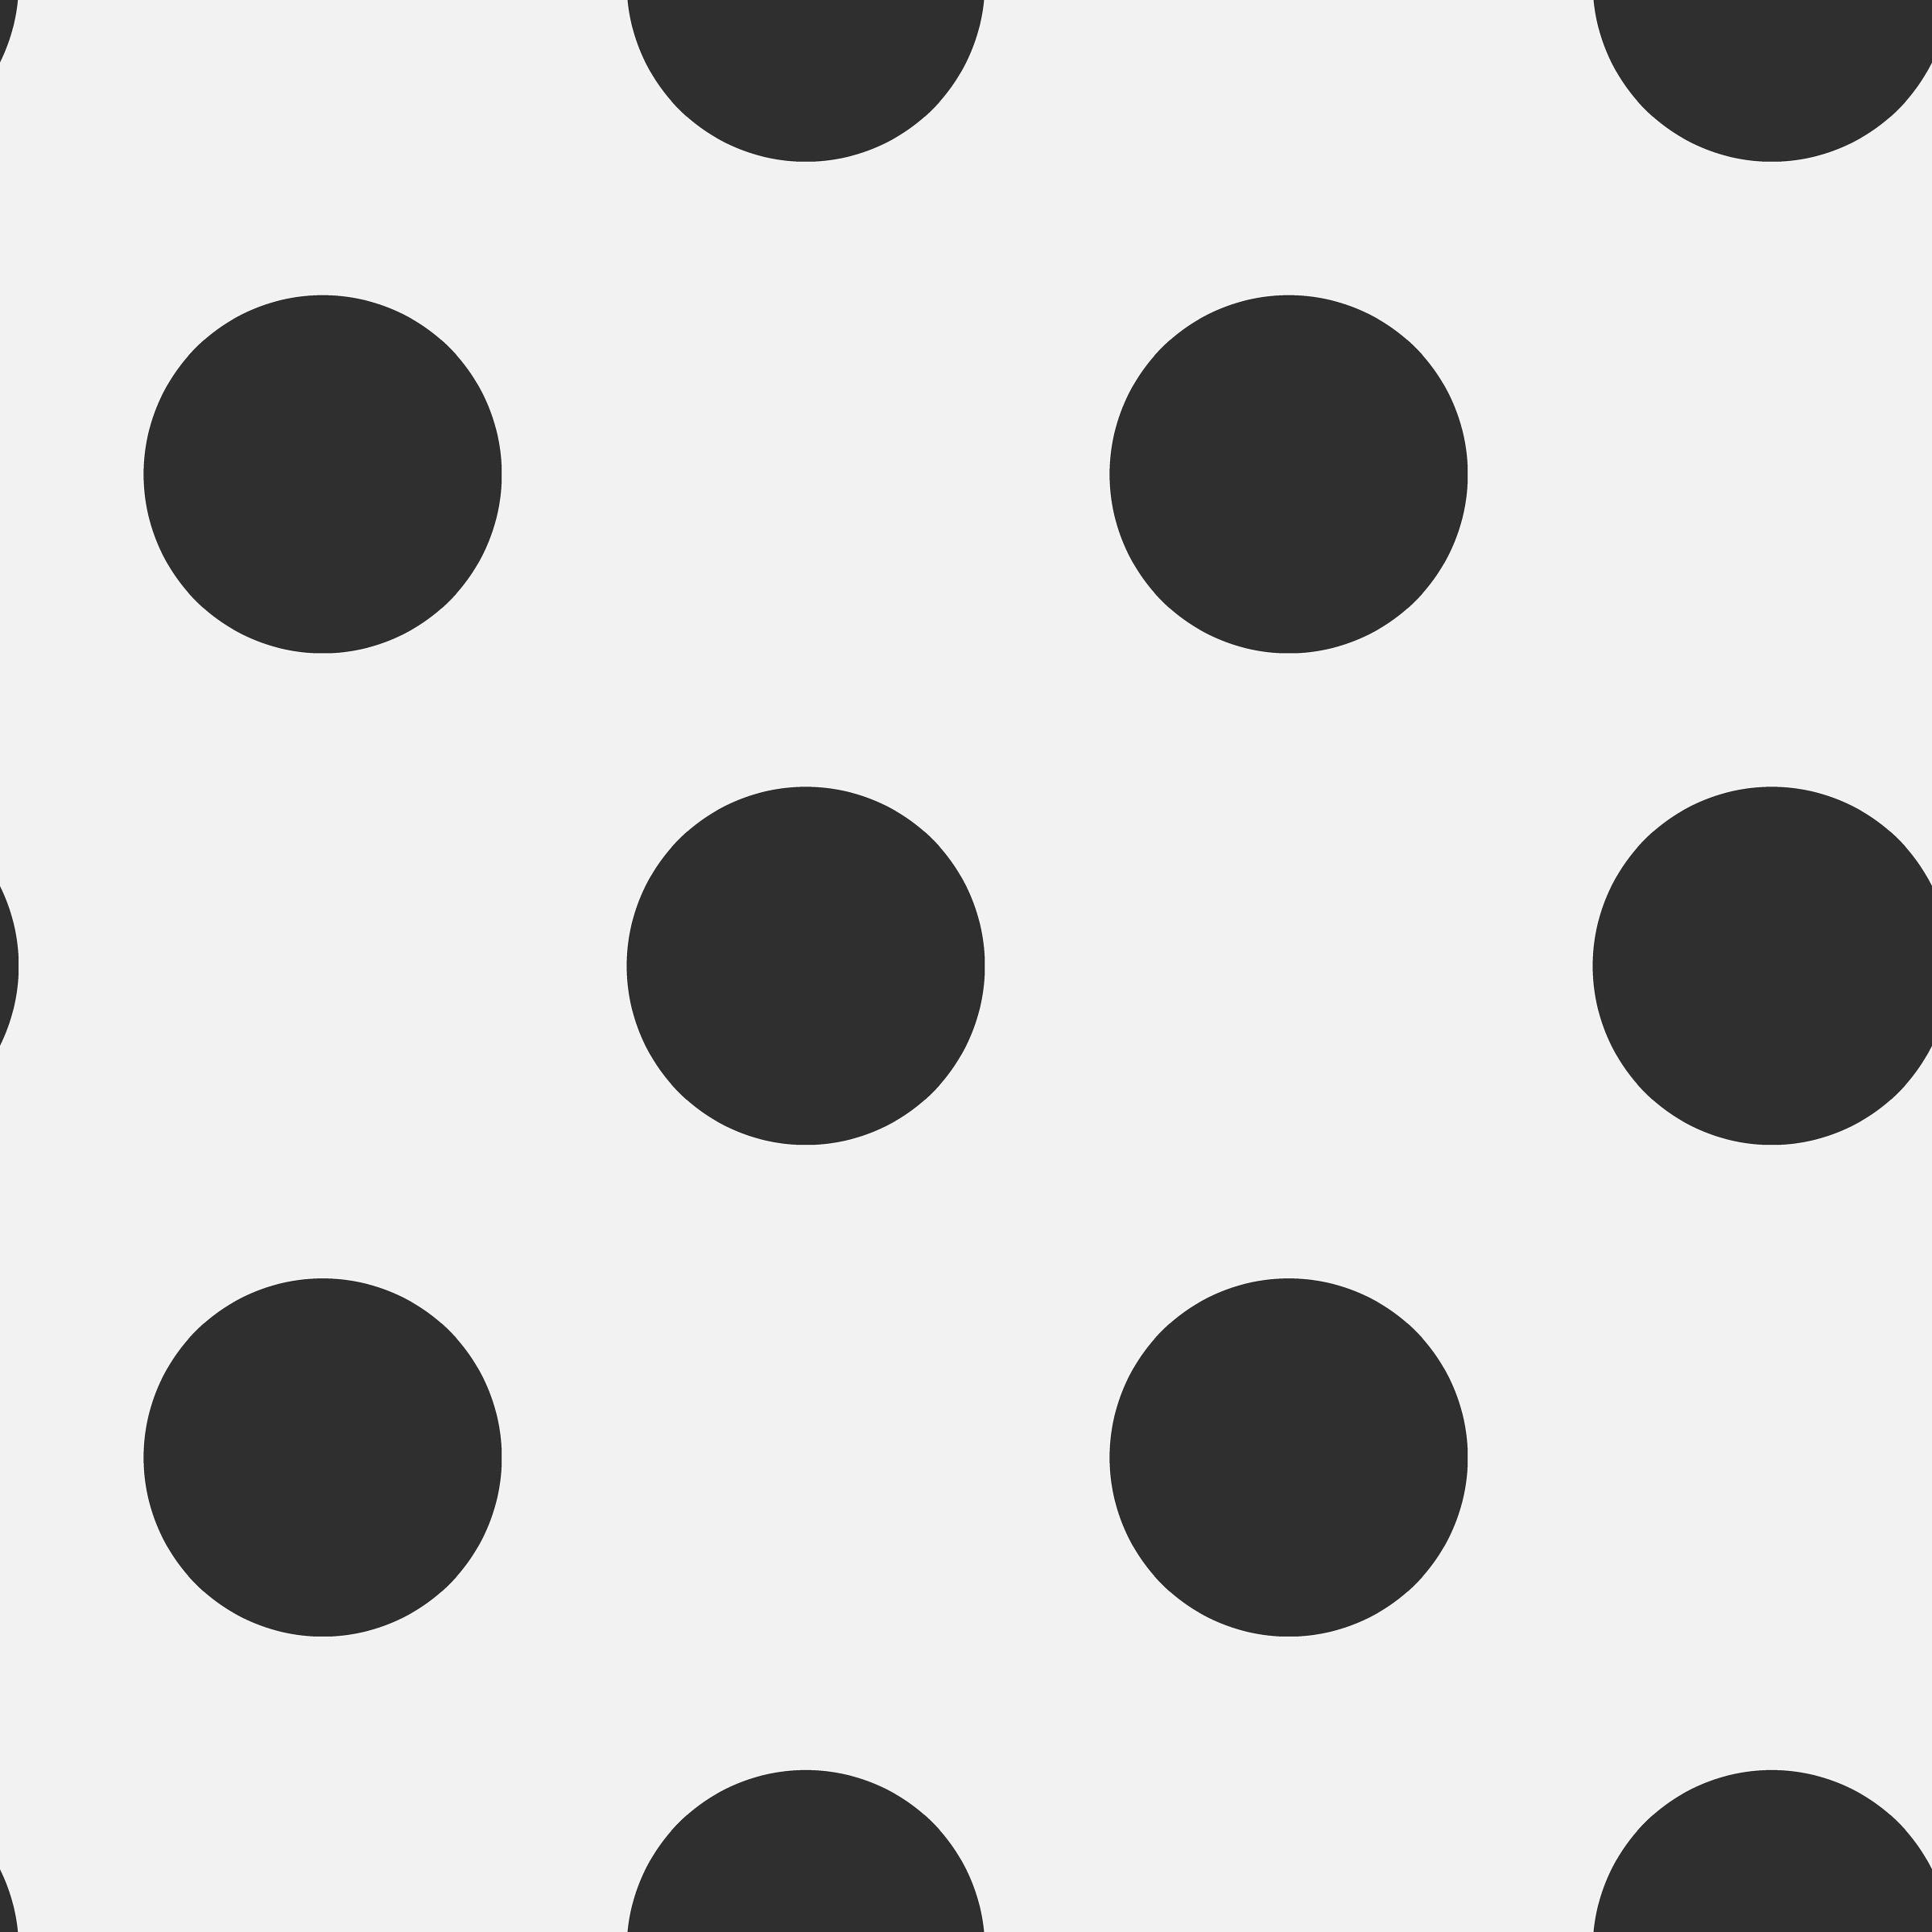 Wit Behang Kopen.Zwart Wit Behang Kopen Online Internetwinkel